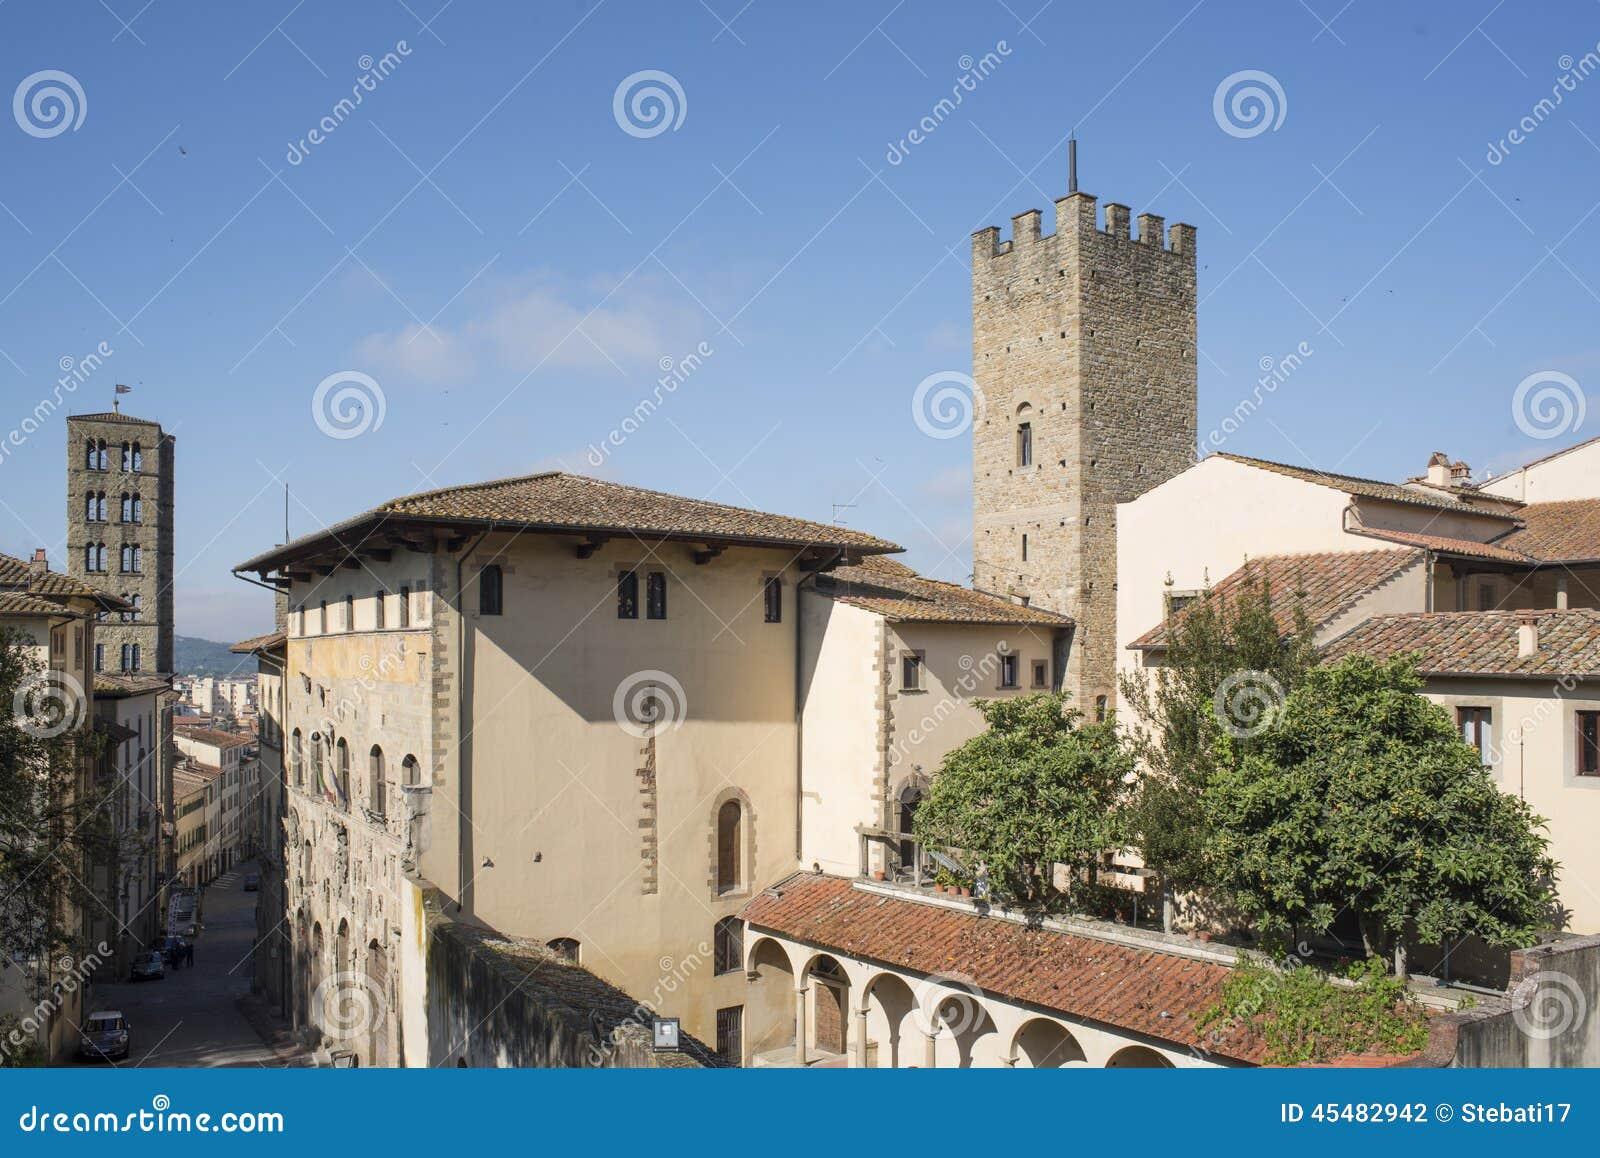 节略从阿雷佐托斯卡纳意大利欧洲上